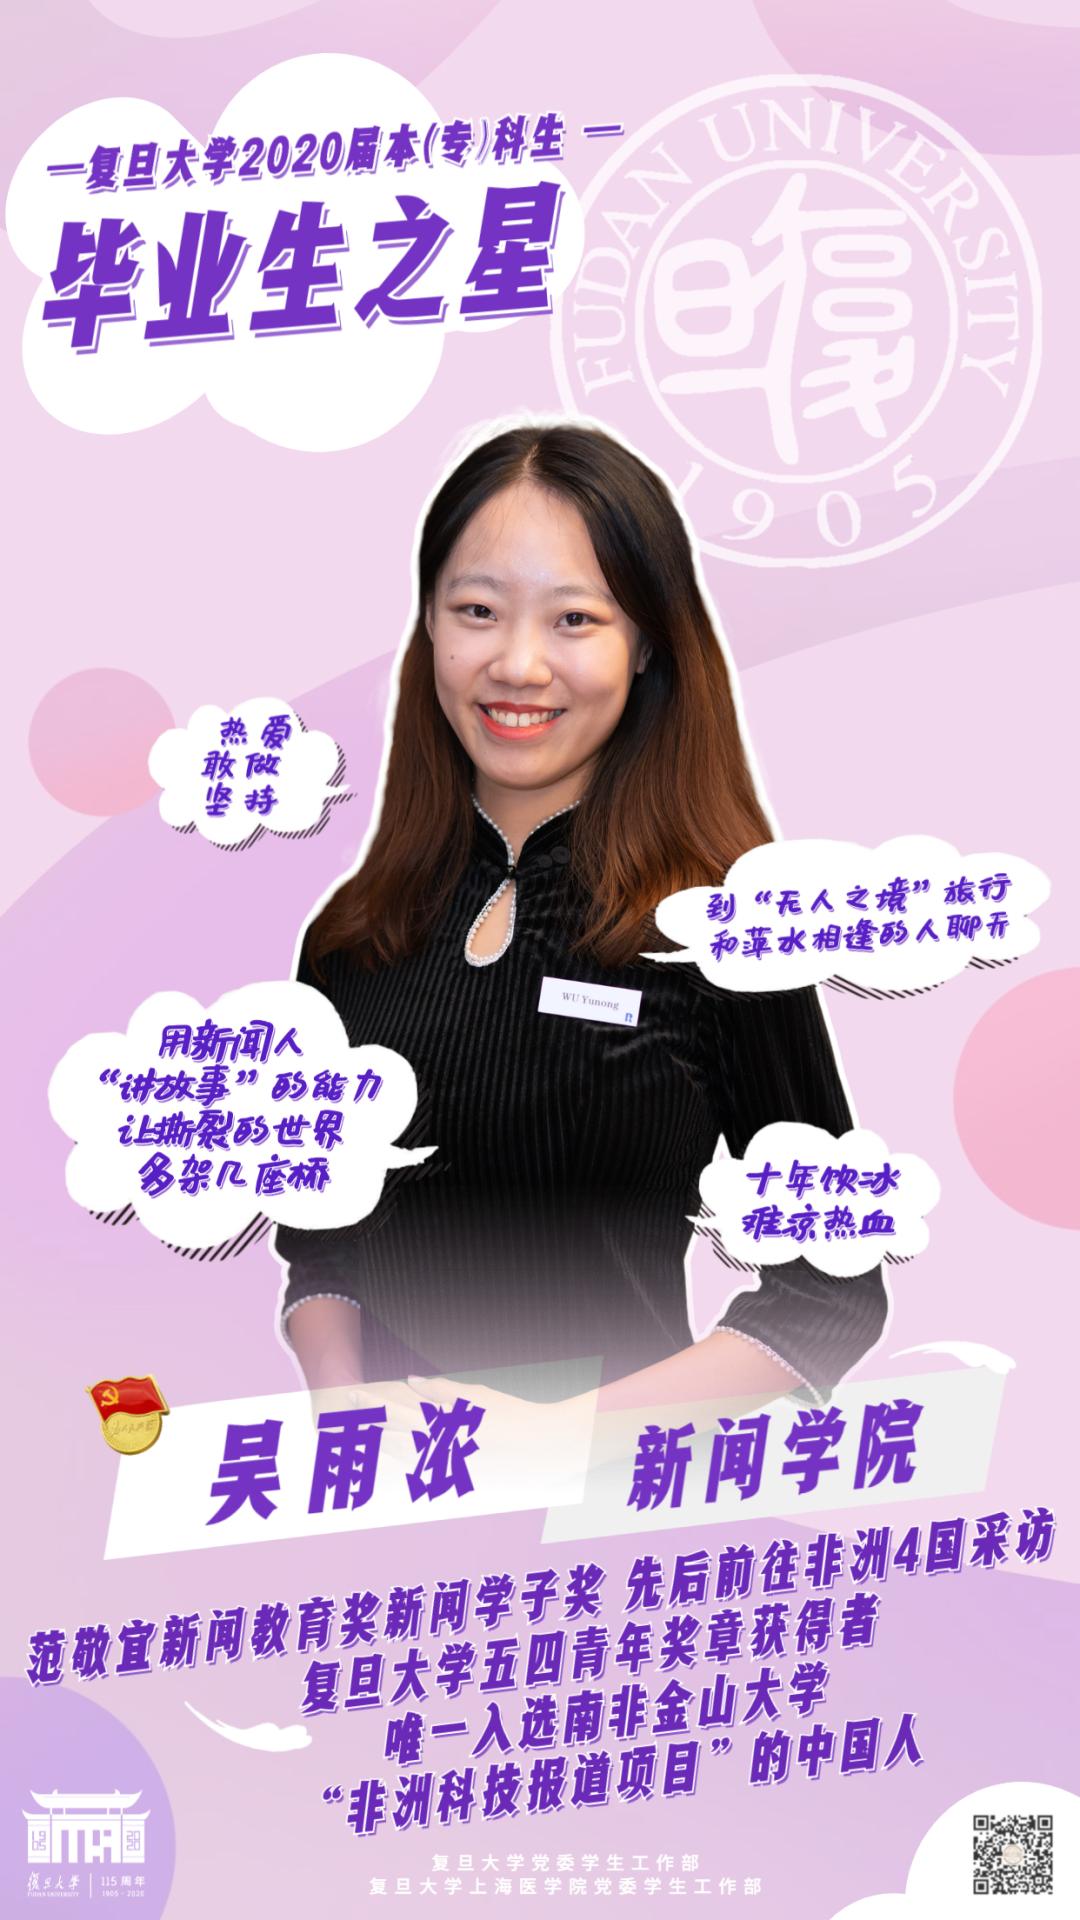 高德招商:生高德招商之星丨吴雨浓在世图片